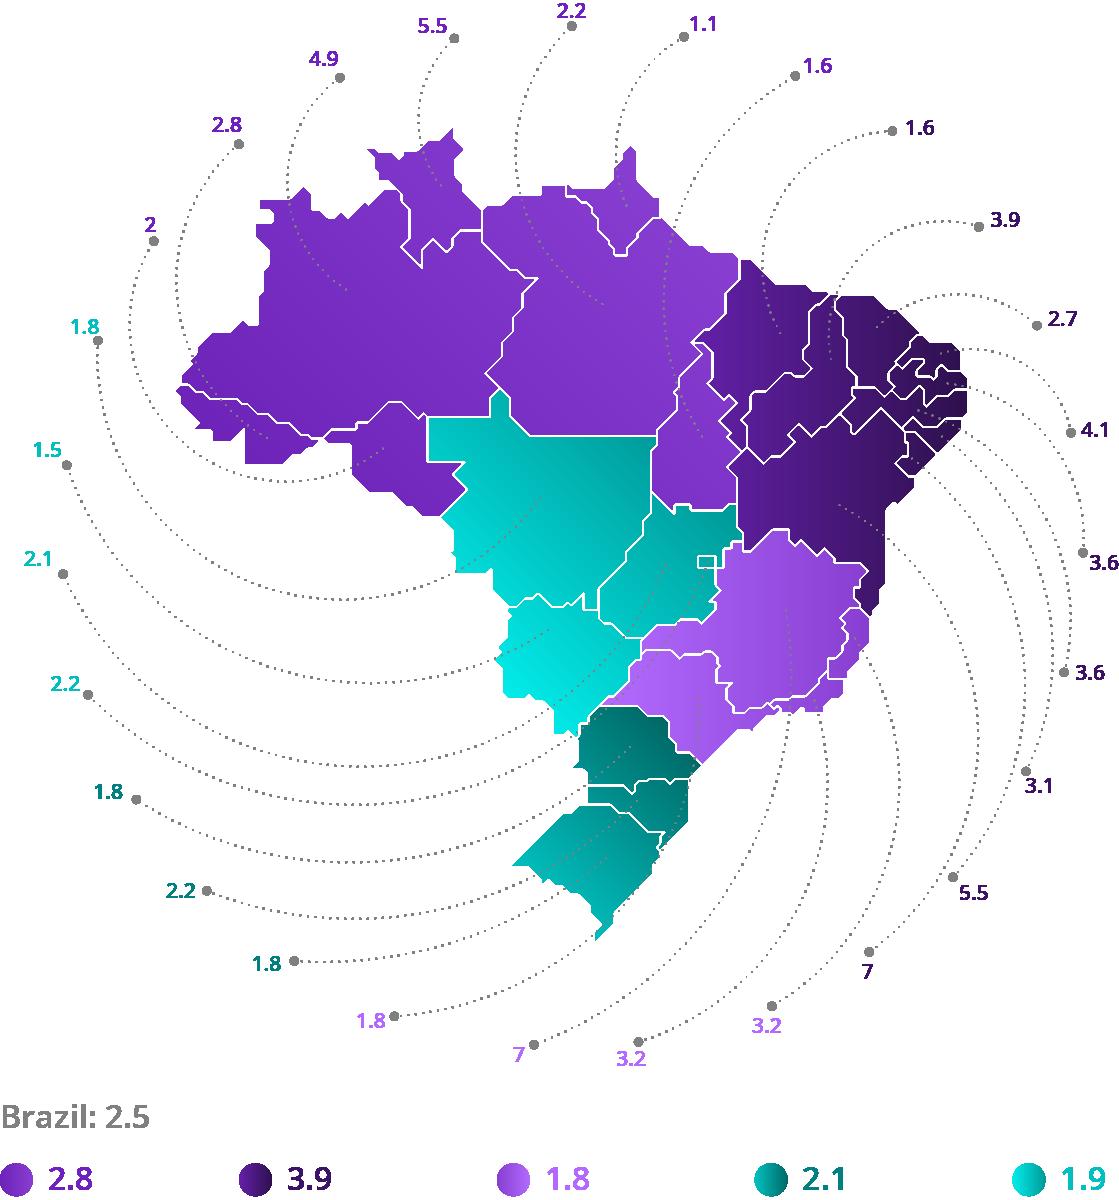 Source: DATASUS. Elaboration: Ex Ante Consultoria Econômica.